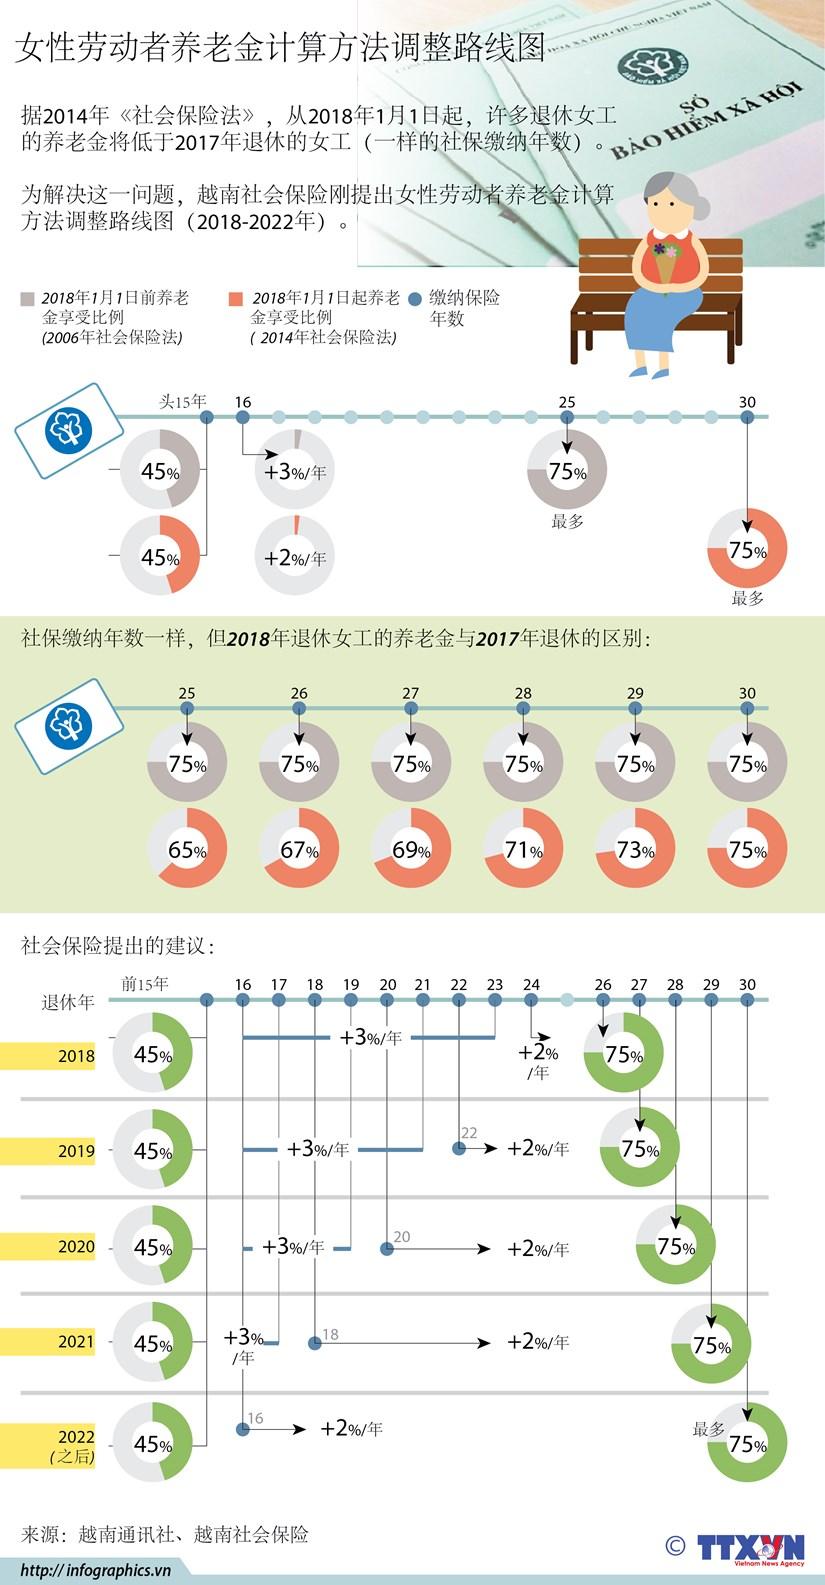 图表新闻:女性劳动者养老金计算方法调整路线图 hinh anh 1